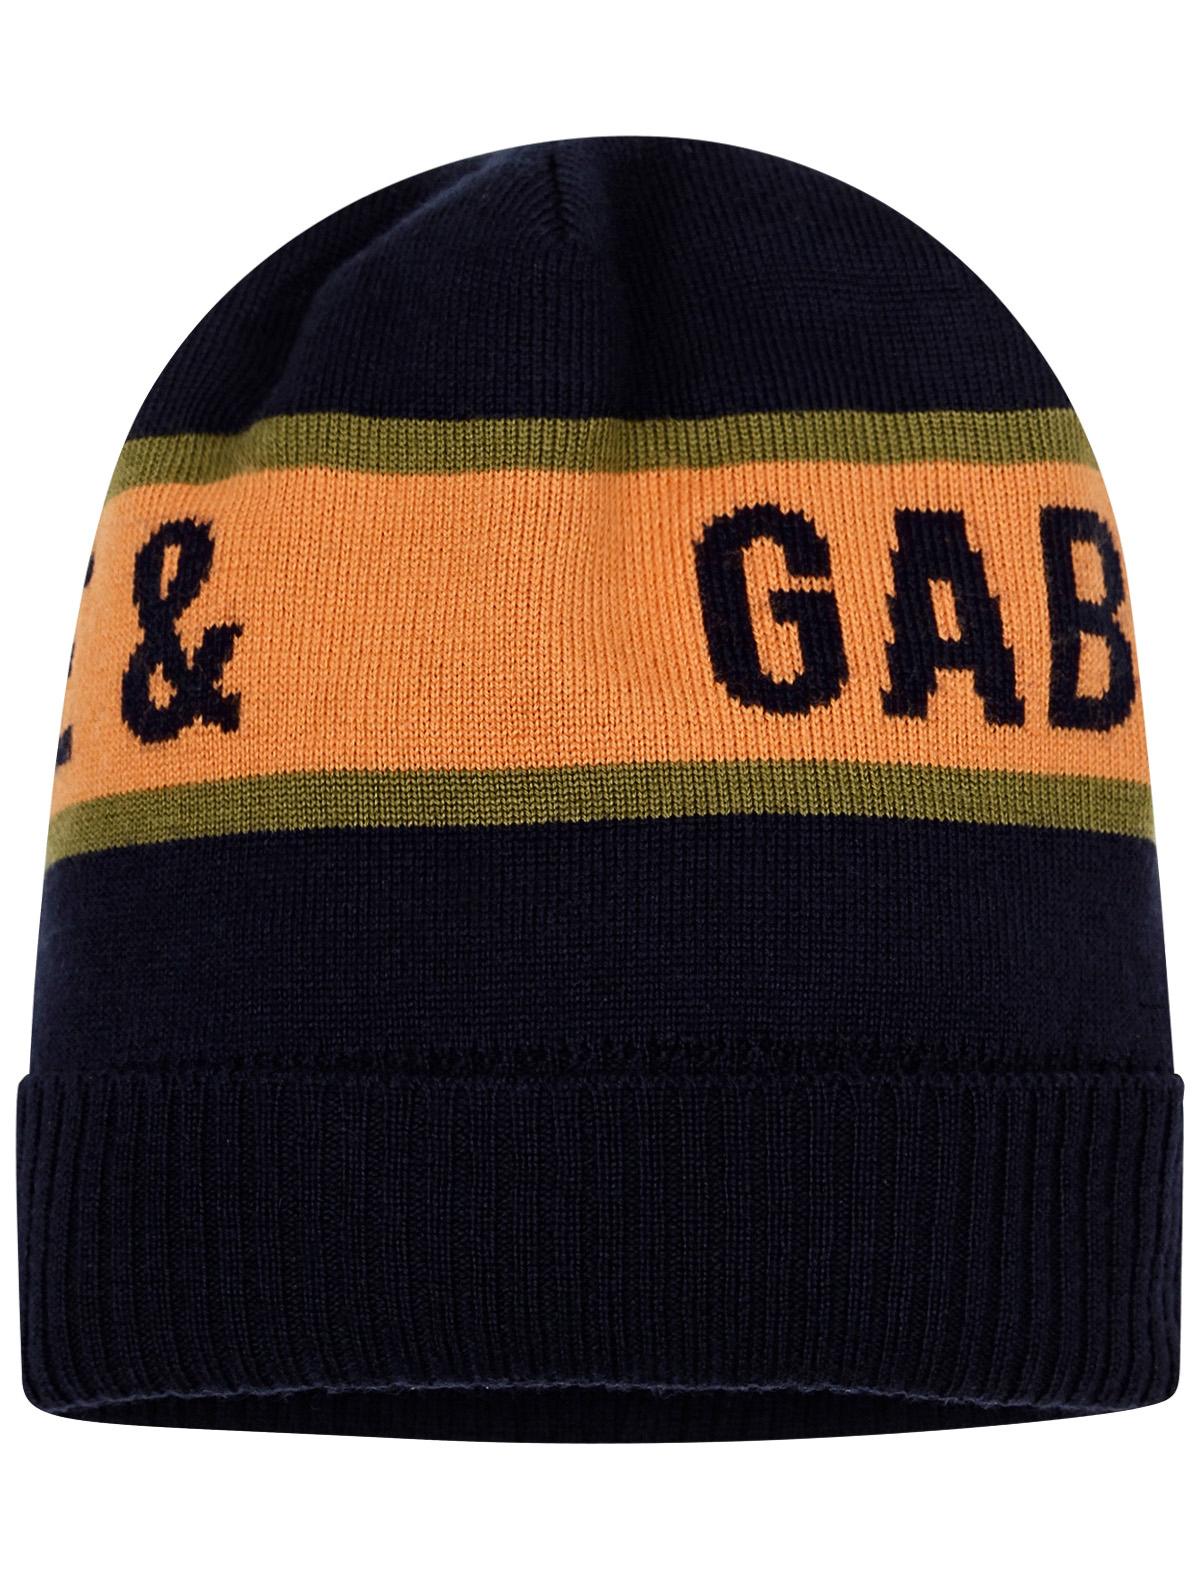 Купить 2264164, Шапка Dolce & Gabbana, синий, Мужской, 1354519081593